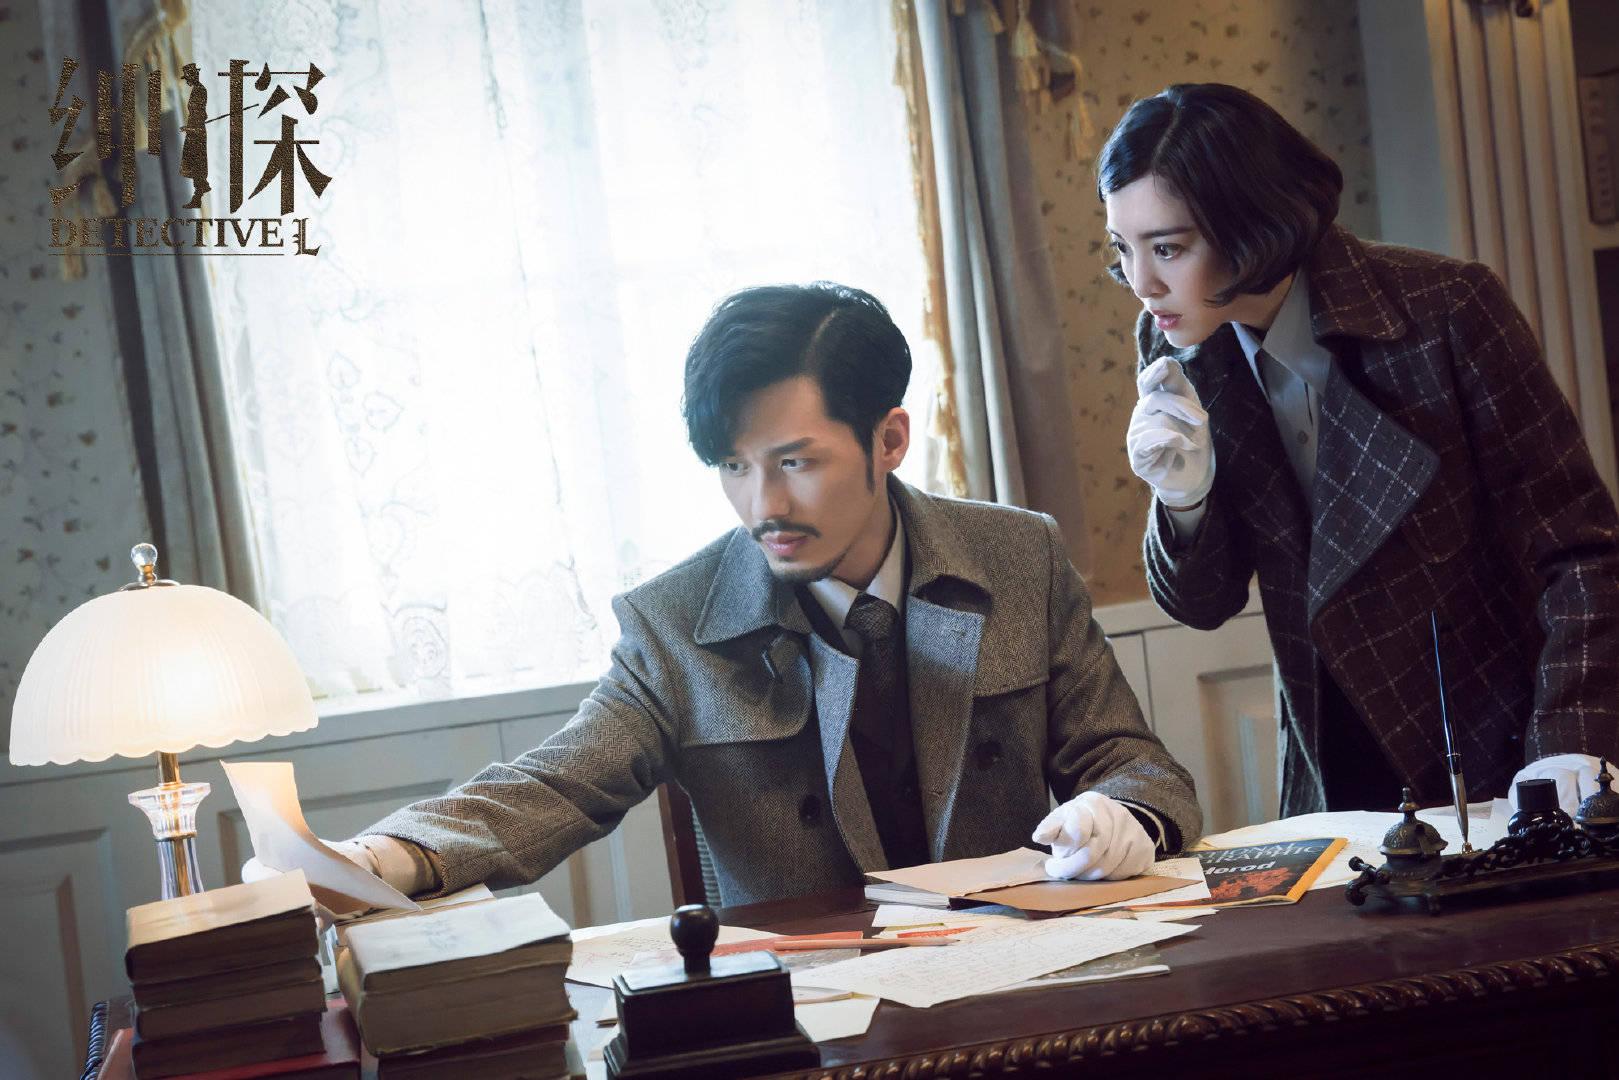 《绅探》上演最难连环杀人案 尤靖茹白宇患难见真情